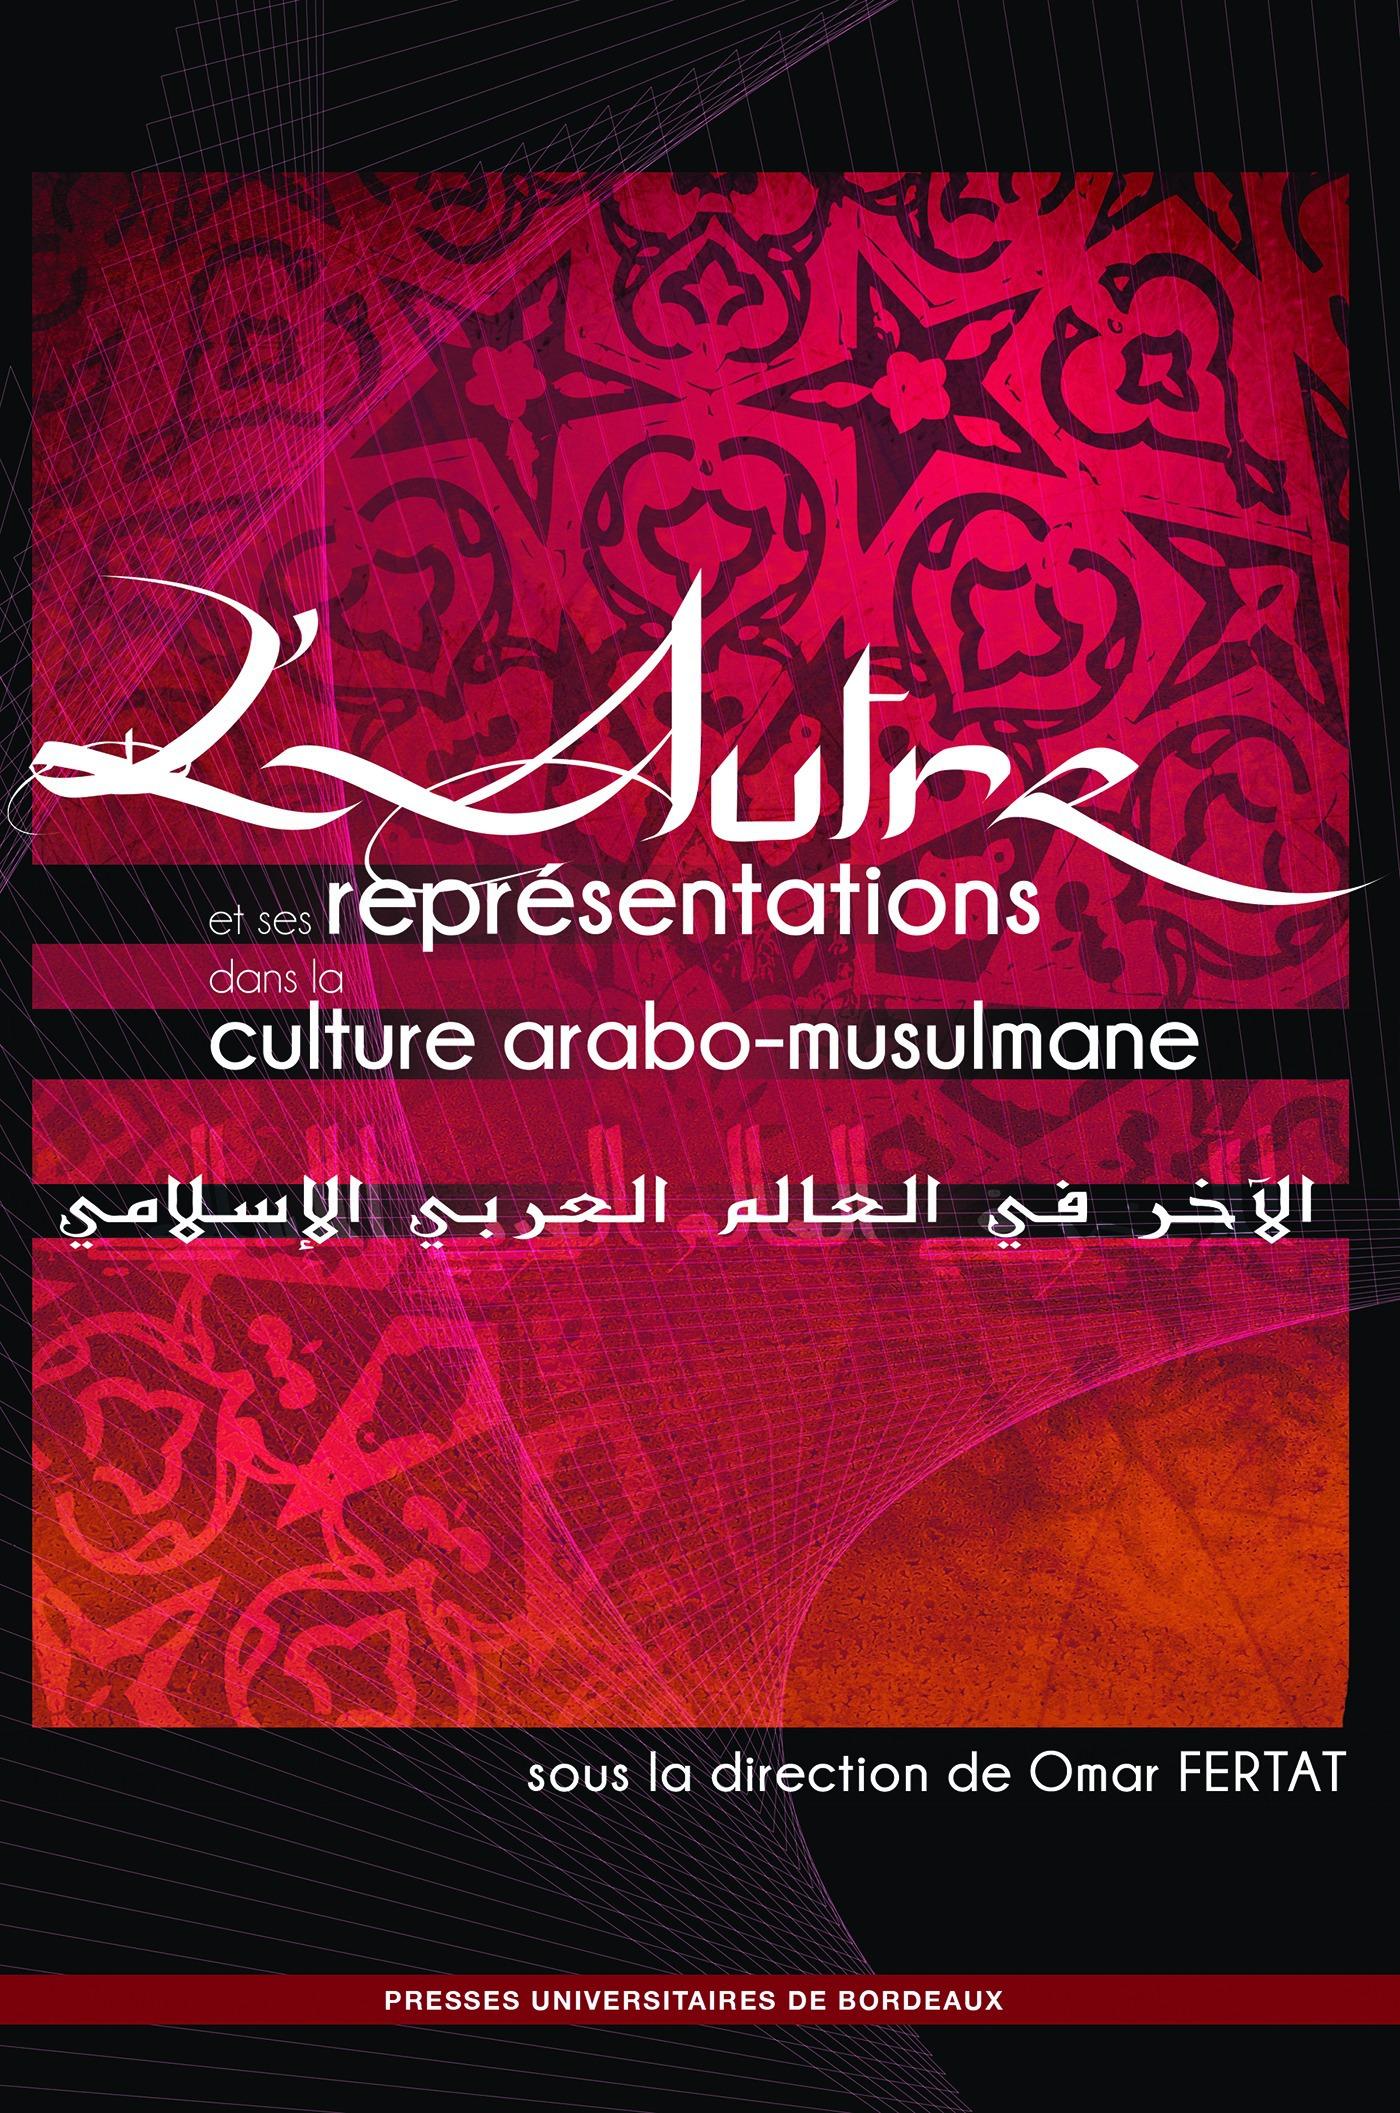 Omar Fertat L'Autre et ses représentations dans la culture arabo-musulmane